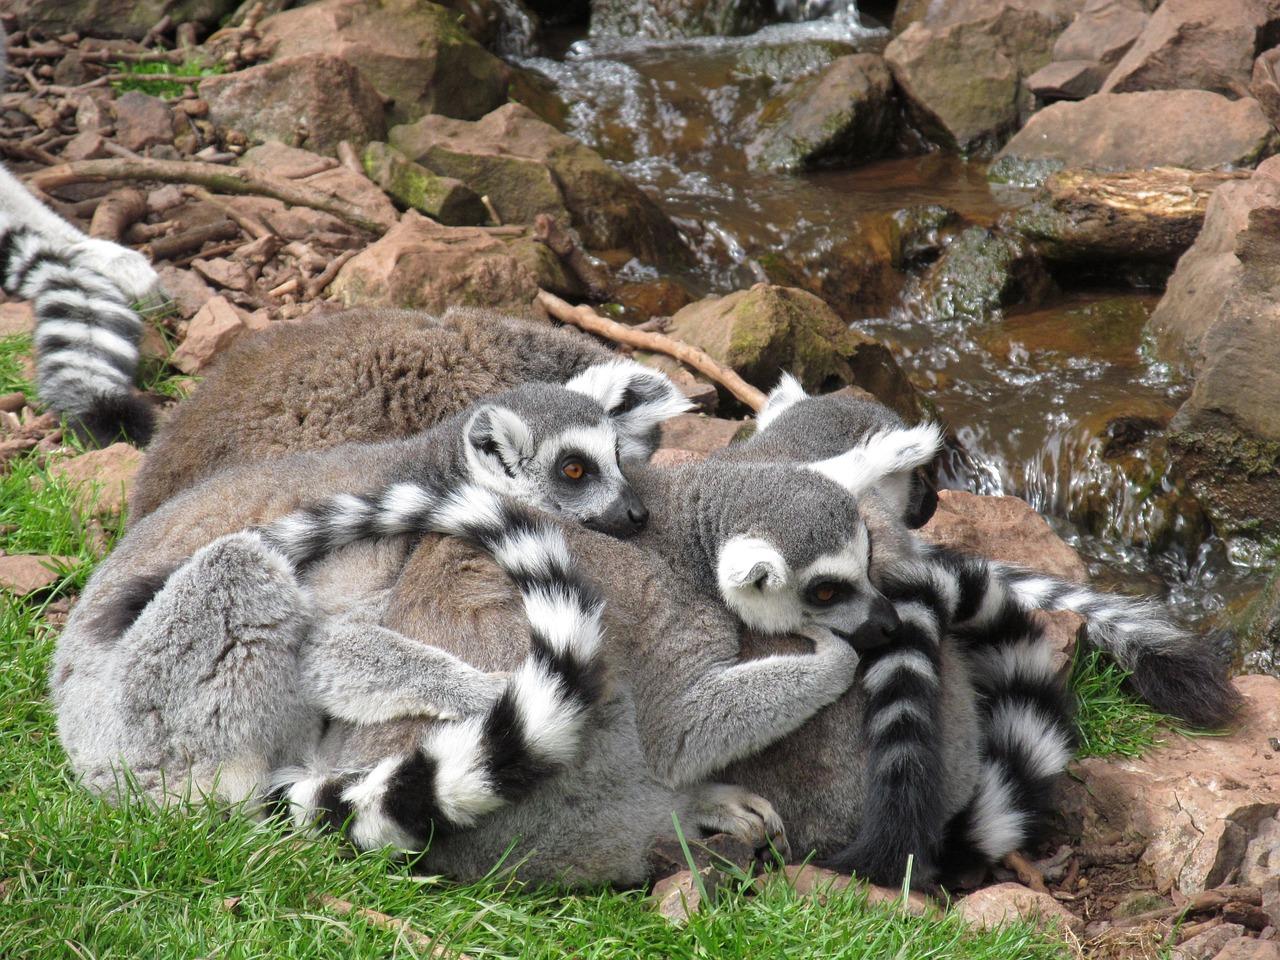 lemur-939540_1280.jpg